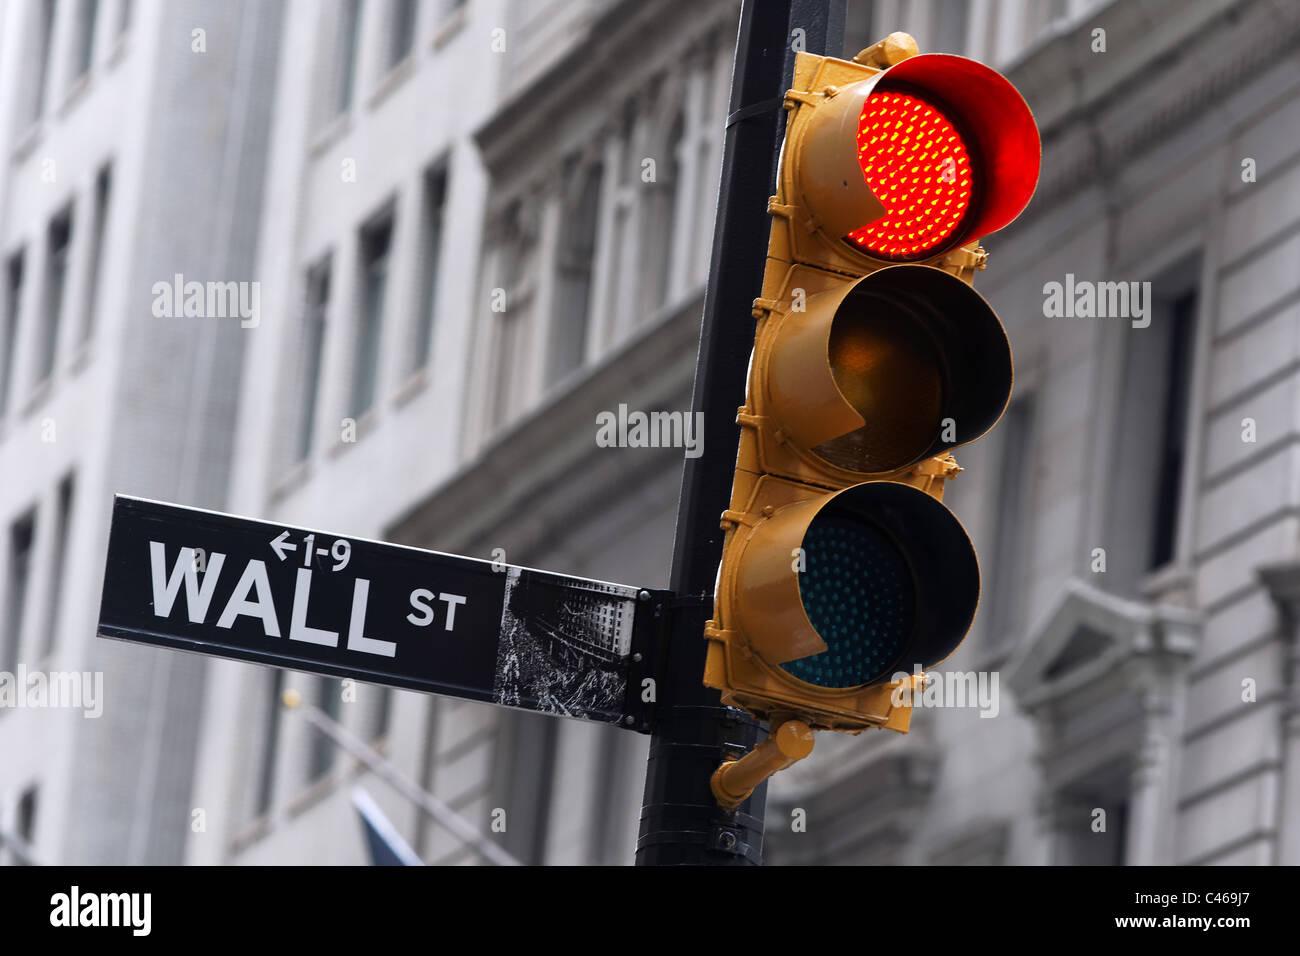 Die Wall Street Gegend in New Yorks Finanzdistrikt befindet sich der New Yorker Börse. Stockbild